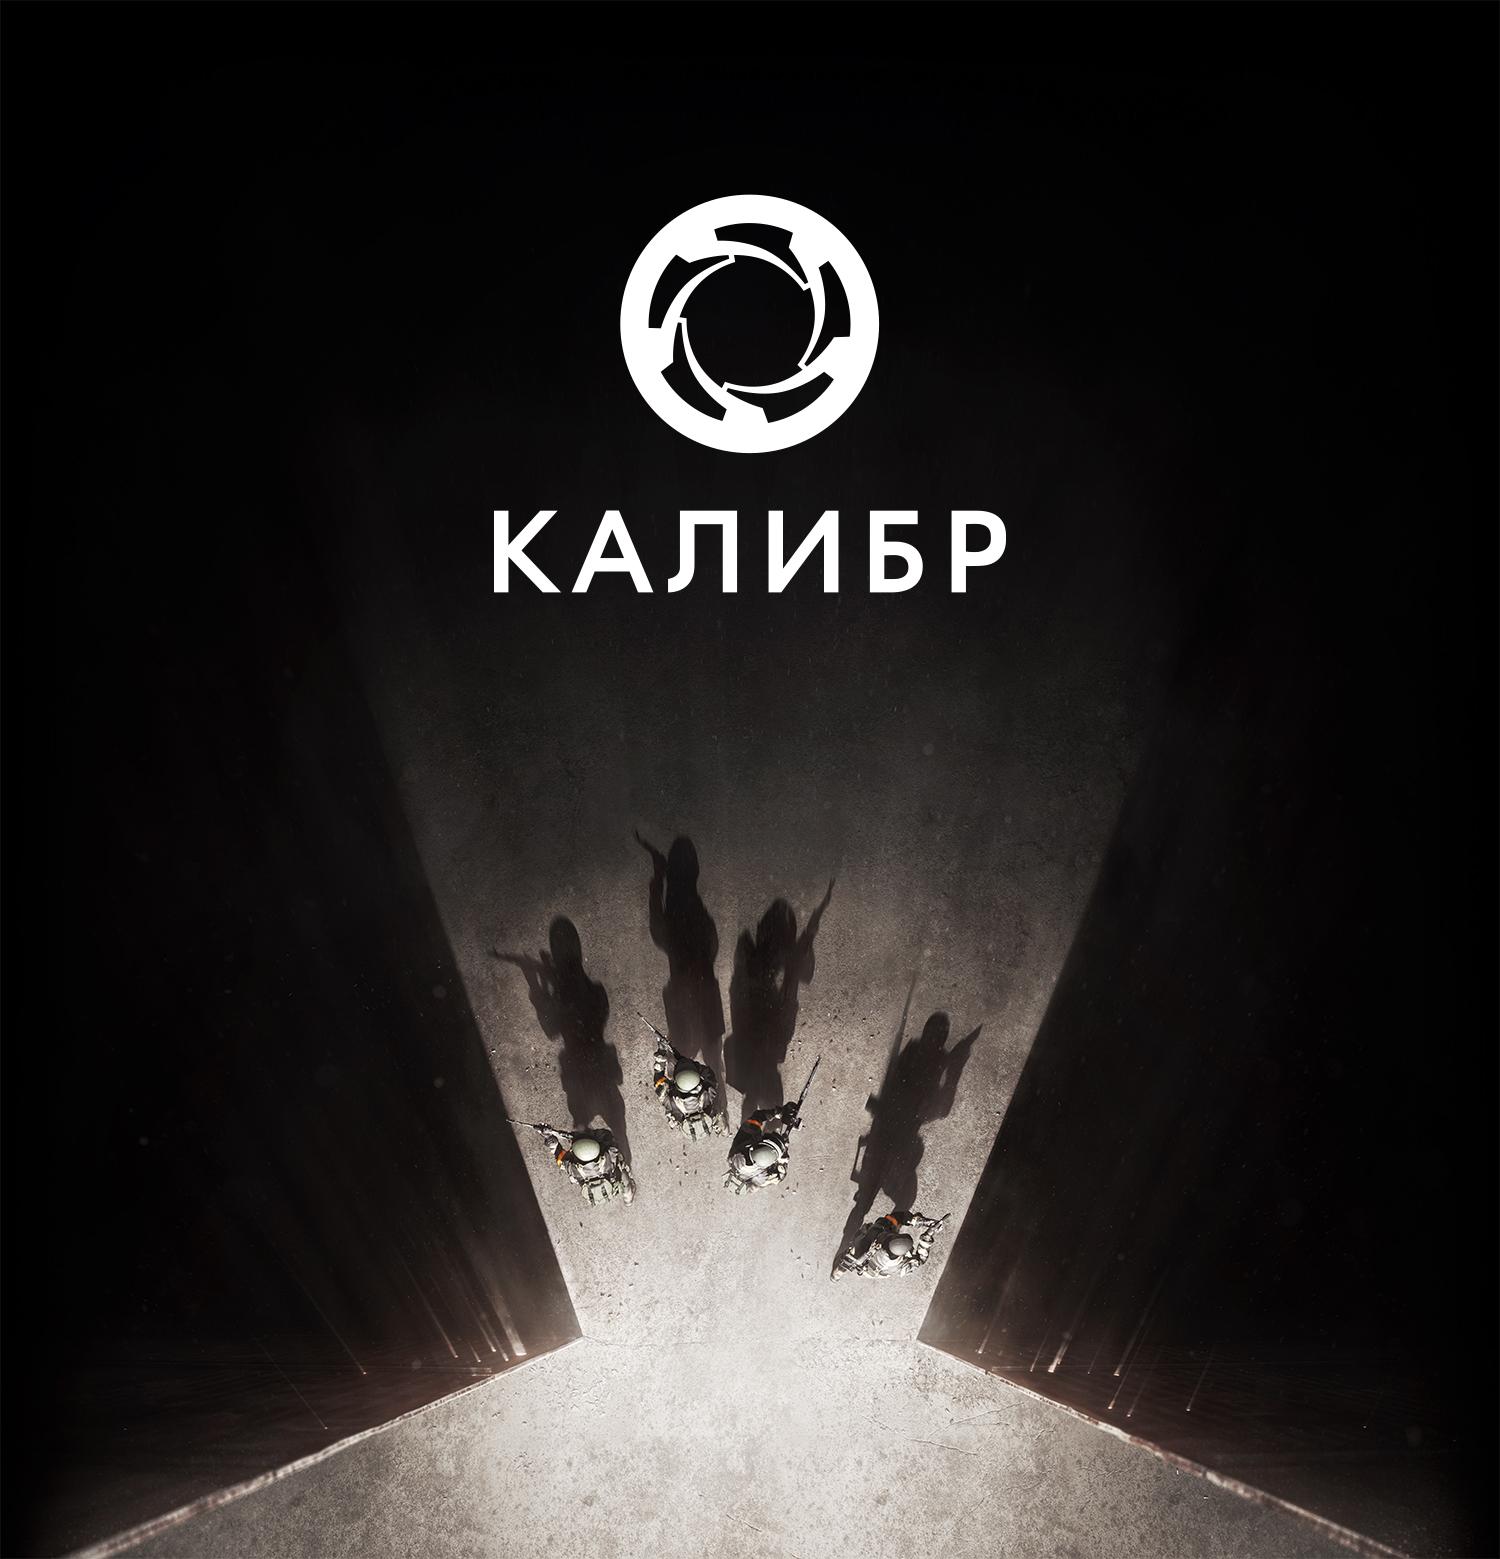 Компания Wargaming представила новейшую игру «Калибр»